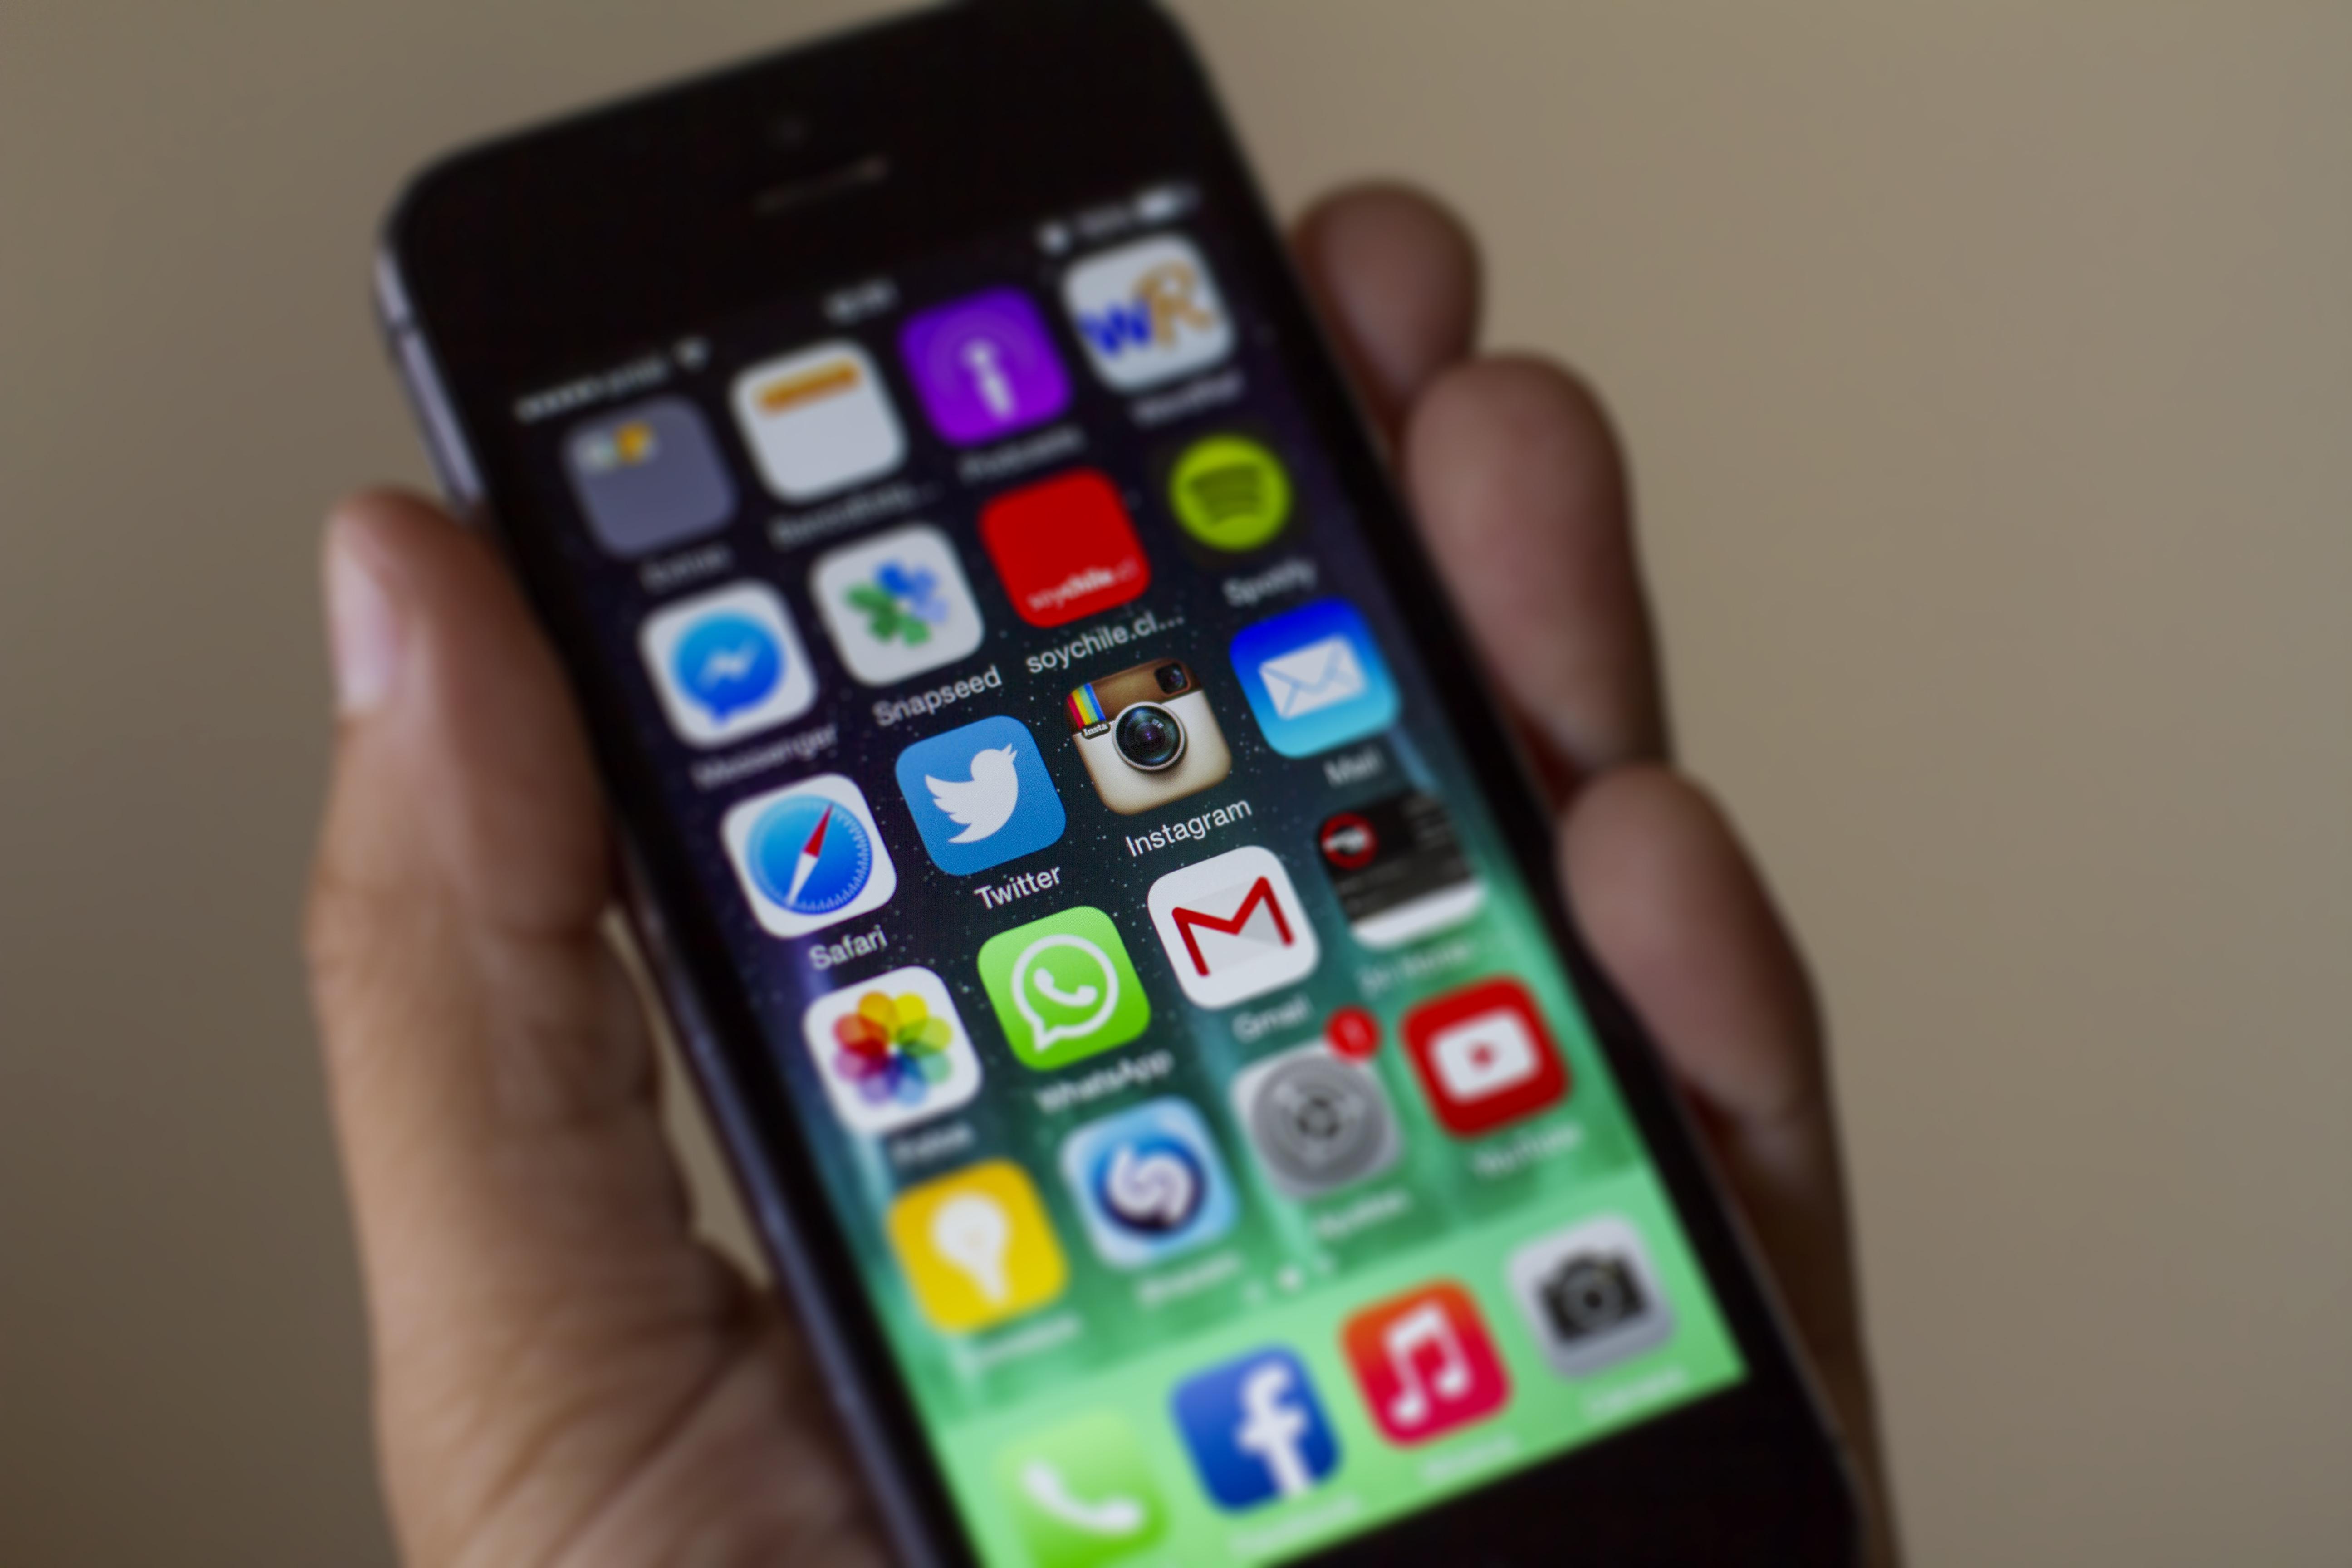 11 de Diciembre de 2014/ TEMUCO Un hombre sostiene un Iphone con la aplicación Instagram. La red social de fotografías Instagram ha anunciado que ha superado los 300 millones de usuarios registrados activos, 100 millones más que el pasado mes de marzo y adelantando así Twitter, que declaró en su presentación de resultados a finales de octubre que contaba con 284 millones de usuarios. FOTO: DAVID CORTES SEREY/AGENCIAUNO